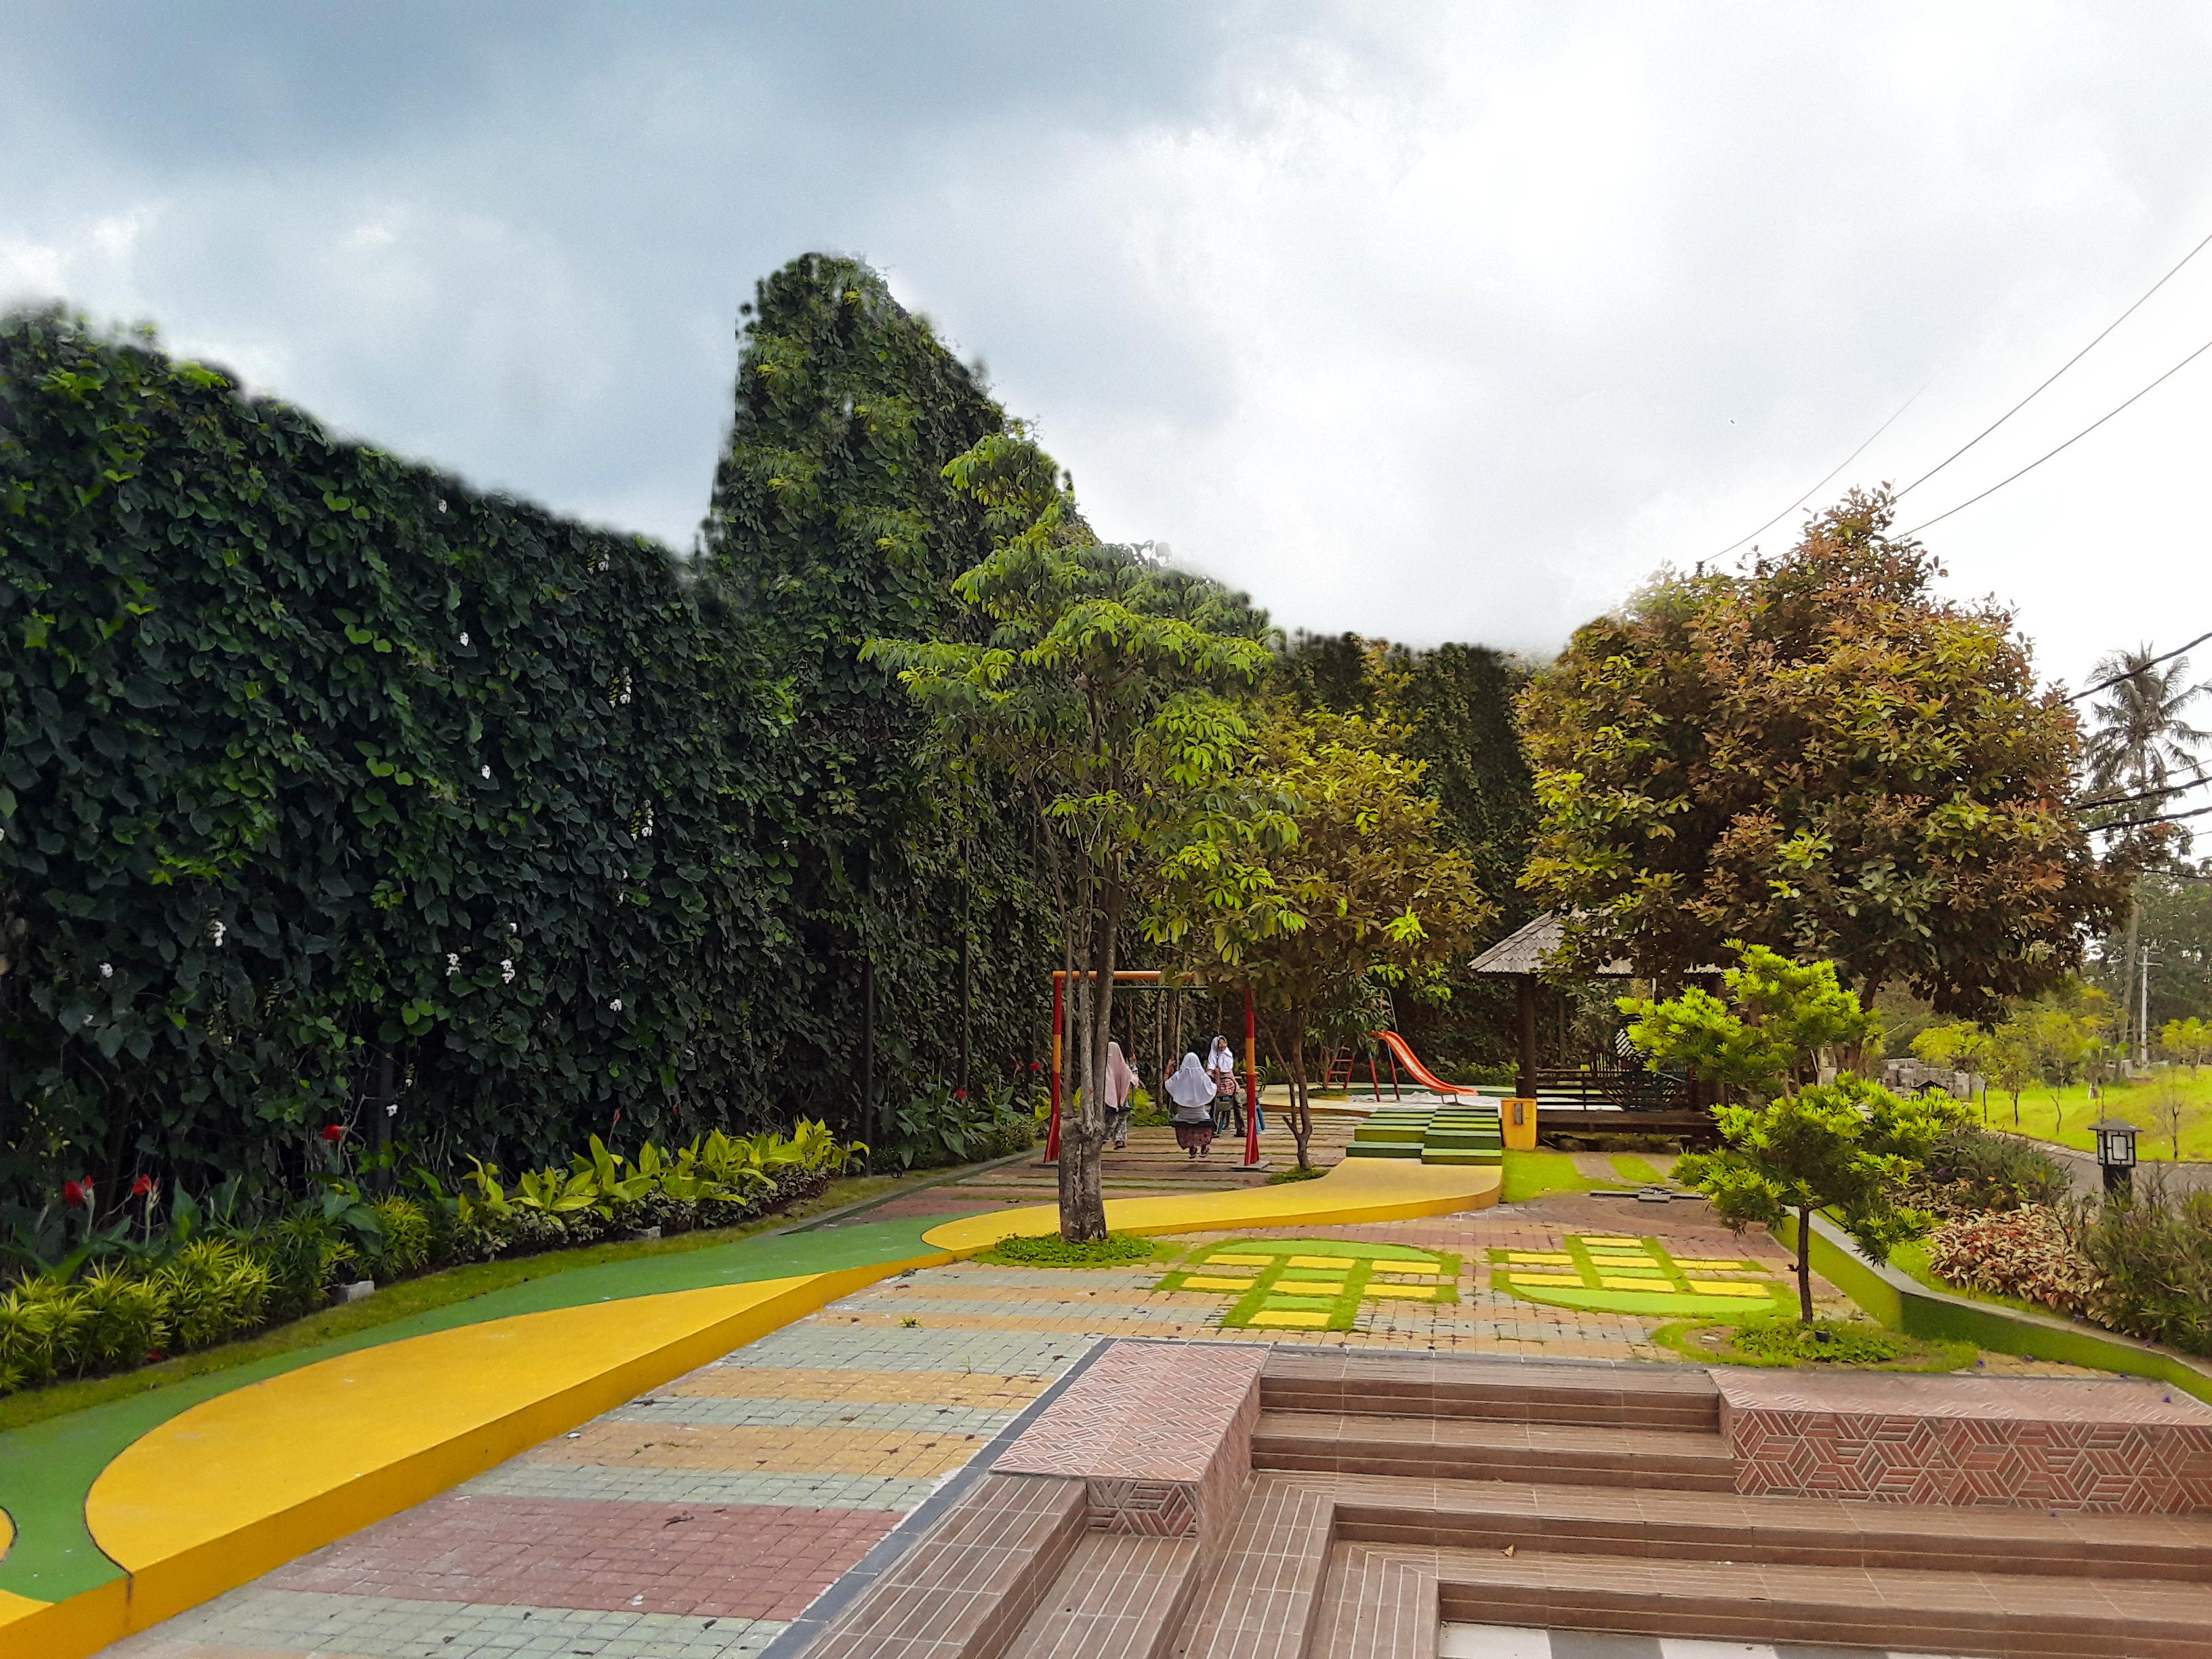 Taman Bermai Anak